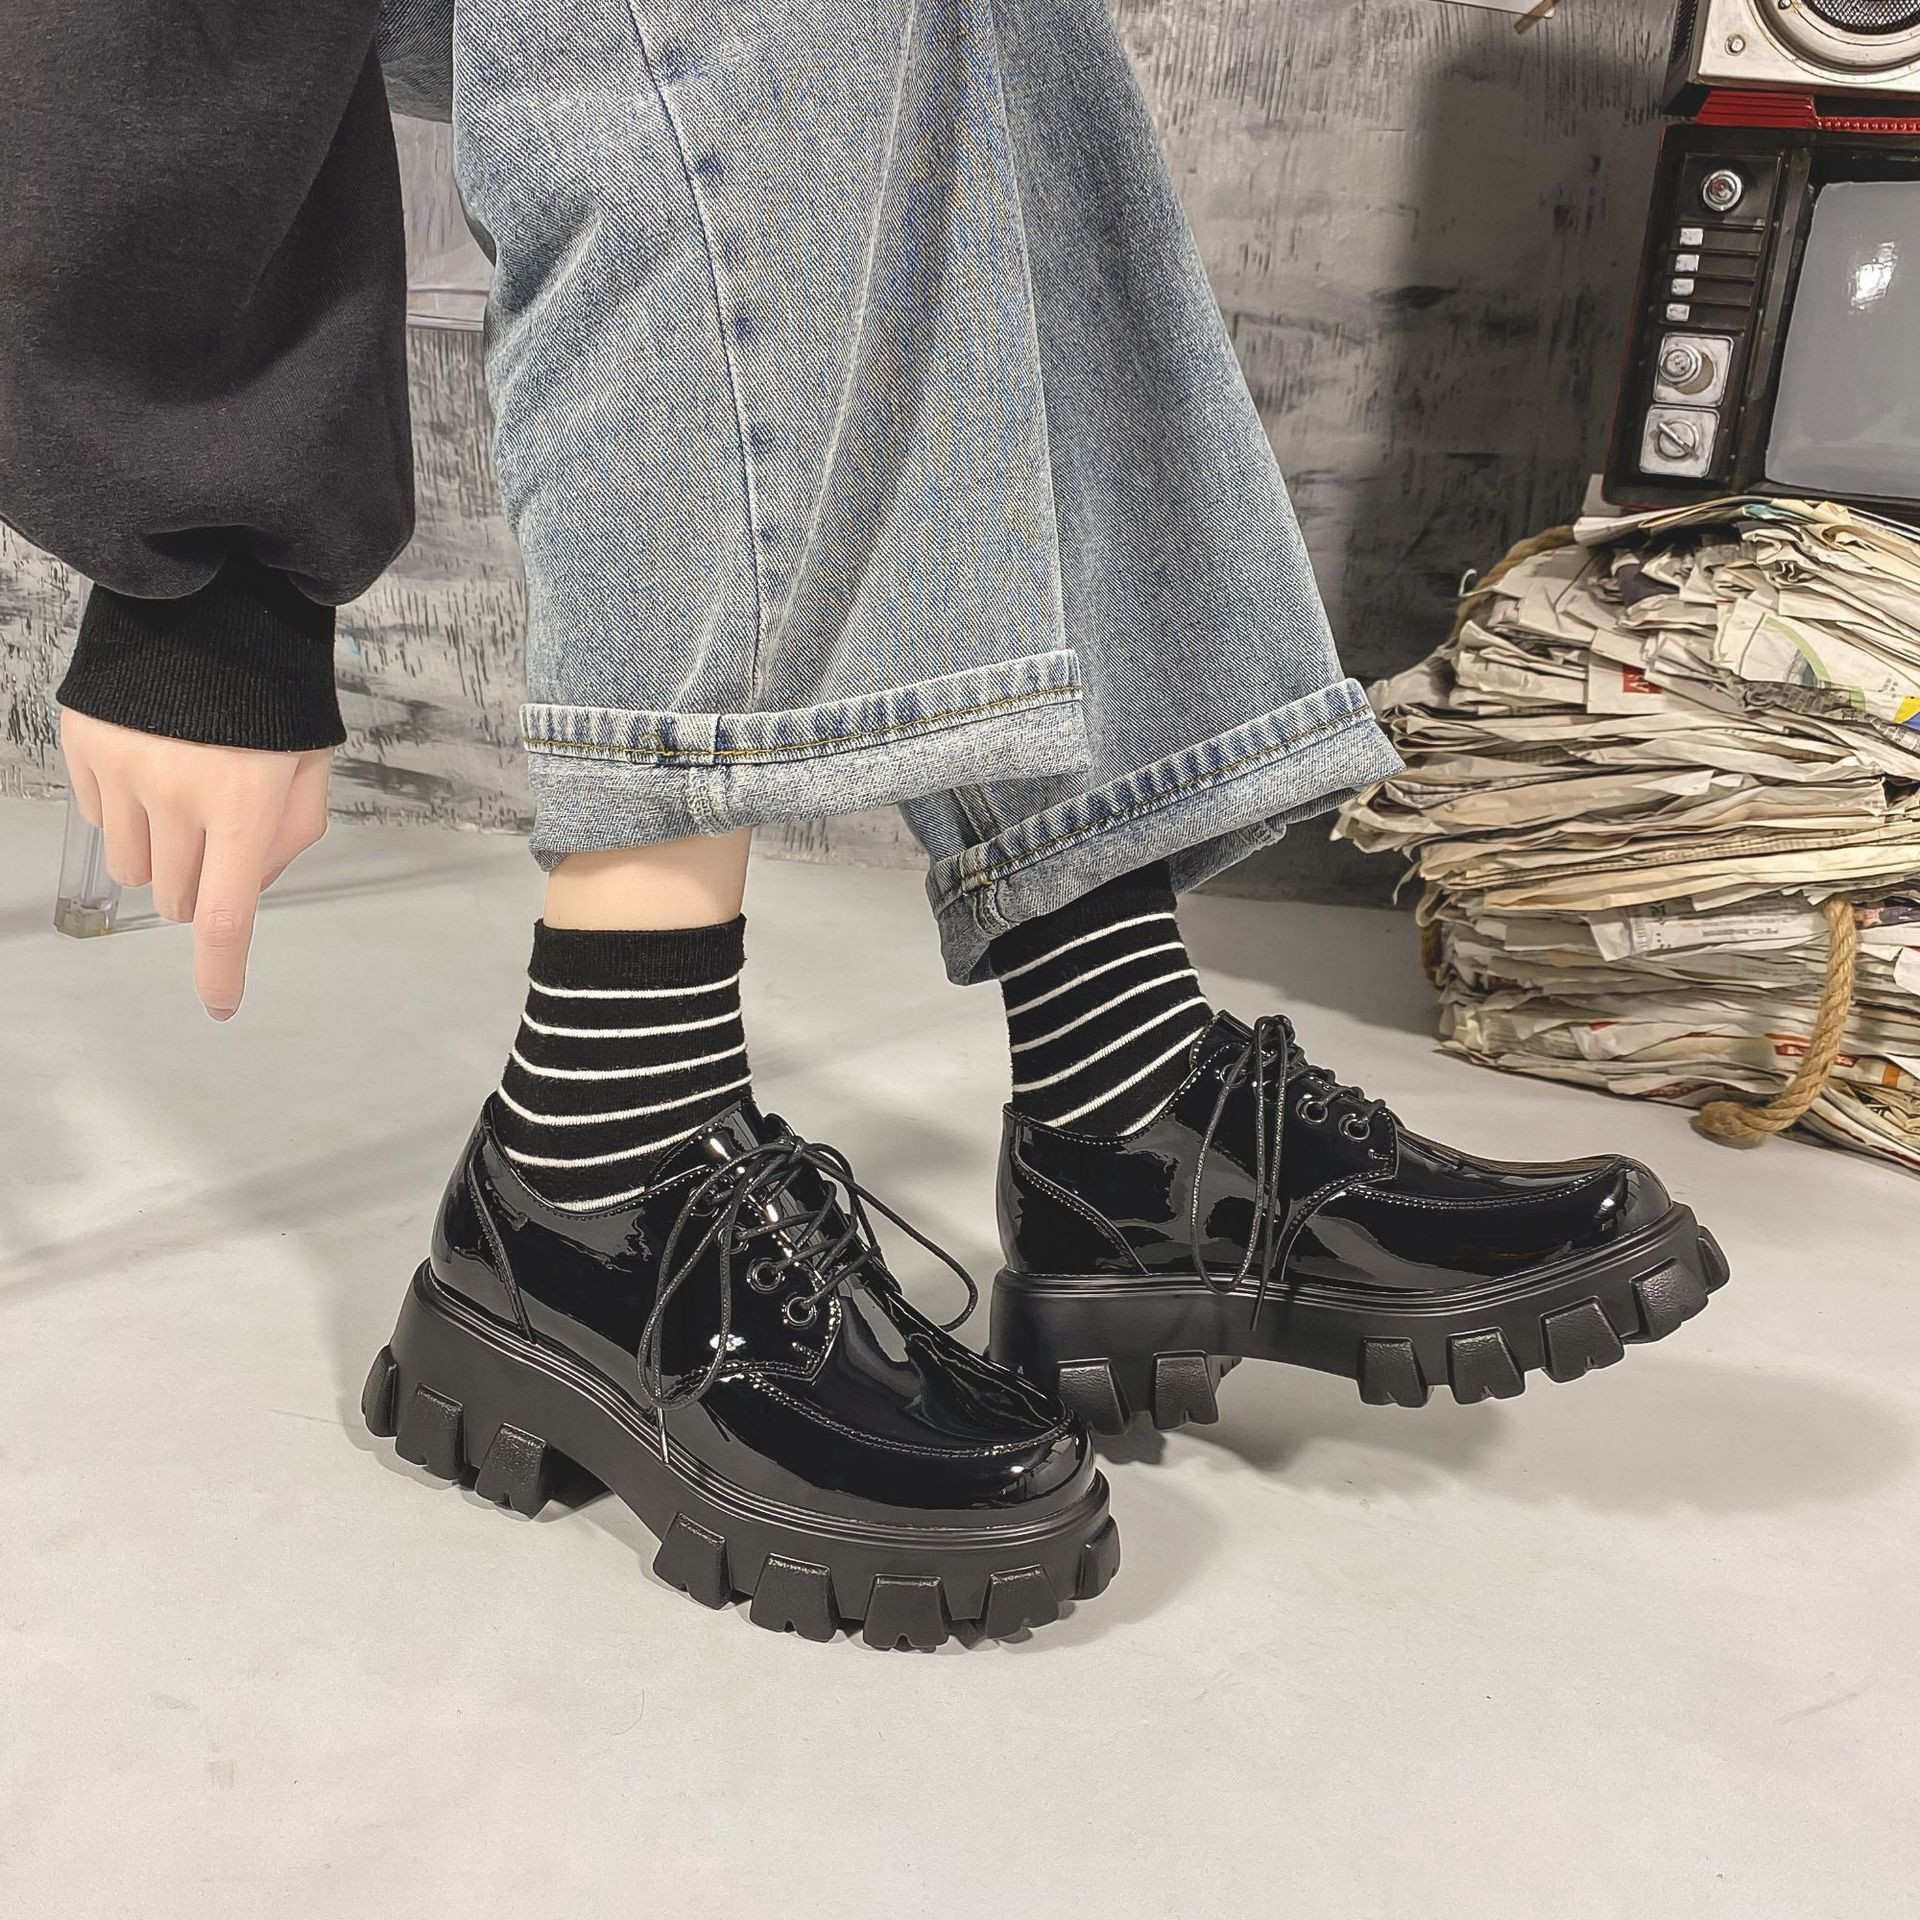 話題の注目アイテム 秋冬 新作 厚底 レディースシューズ シューズ 靴 高級品質 限定SALE